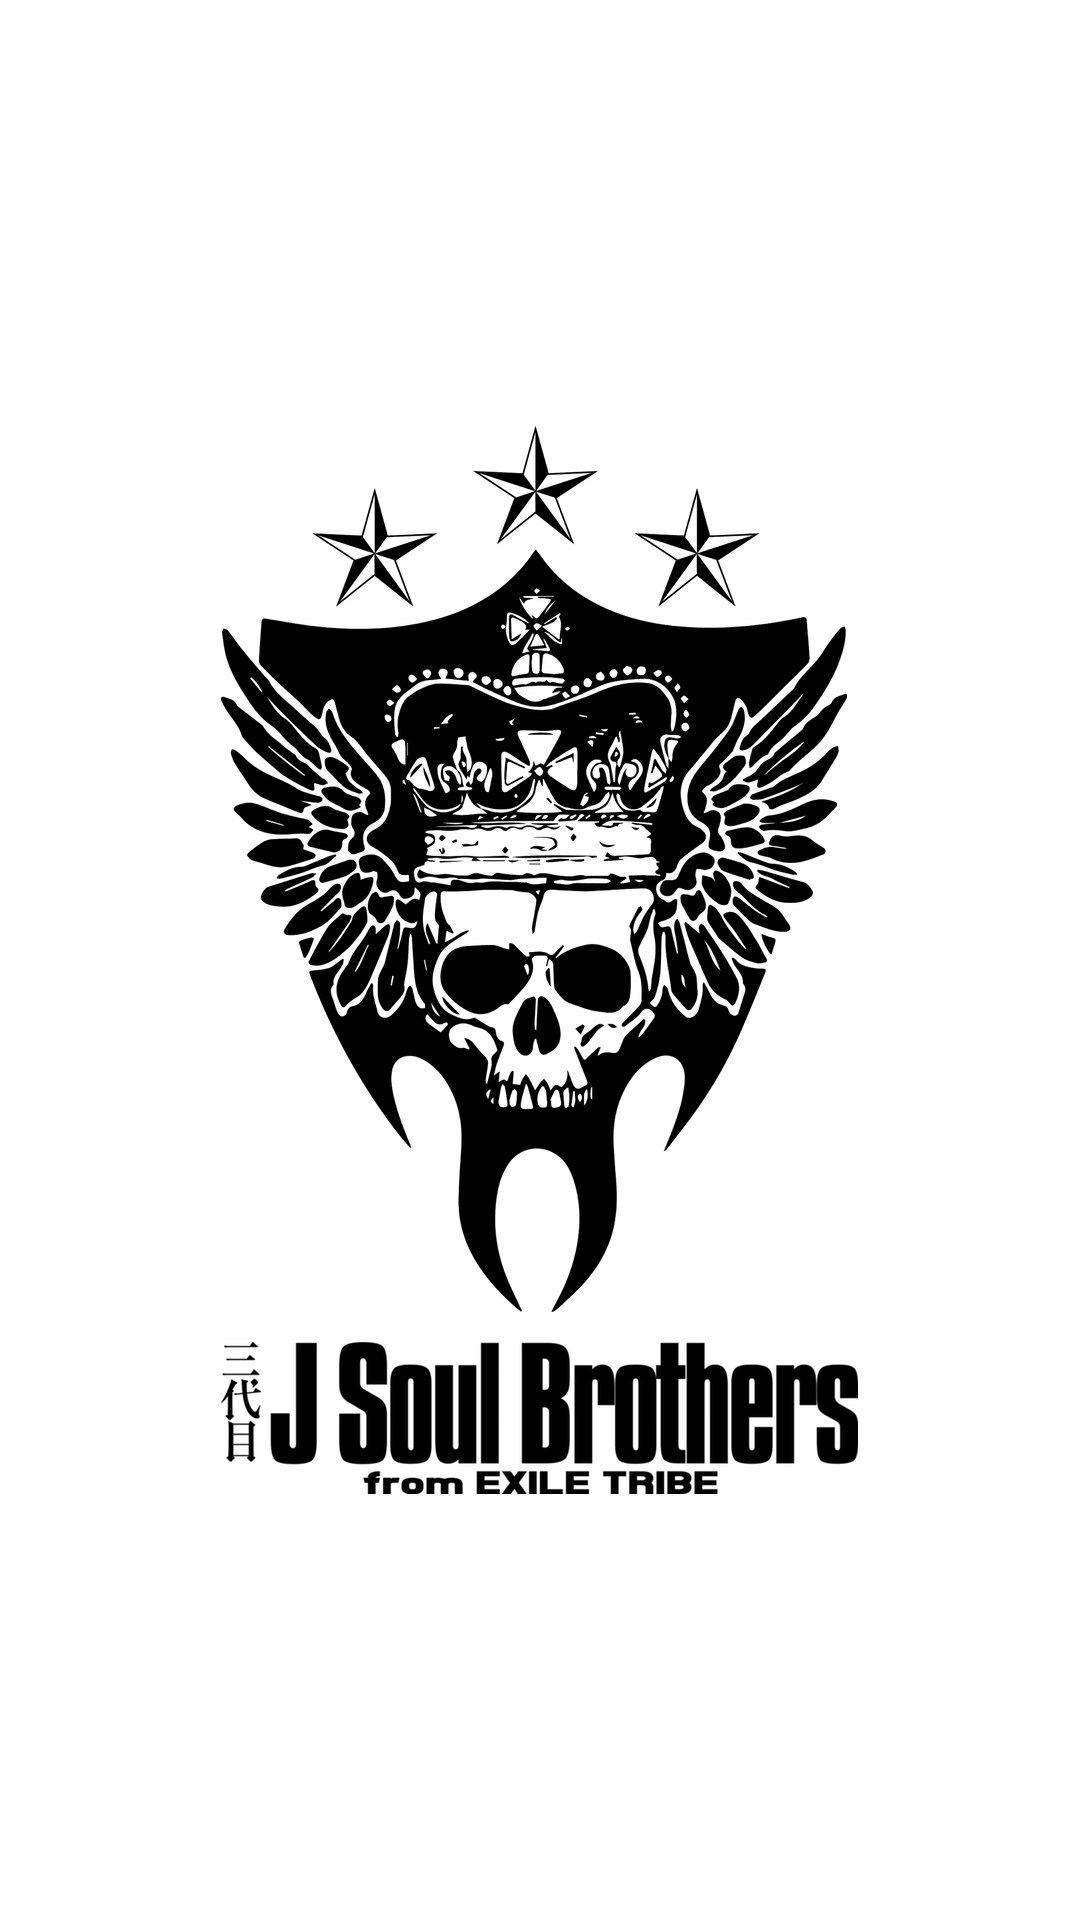 三代目 J Soul Brothers Iphone用 1 スマホ壁紙 Net 三代目j Soul Brothers スマホ壁紙 インテリア 壁紙デザインアイデア